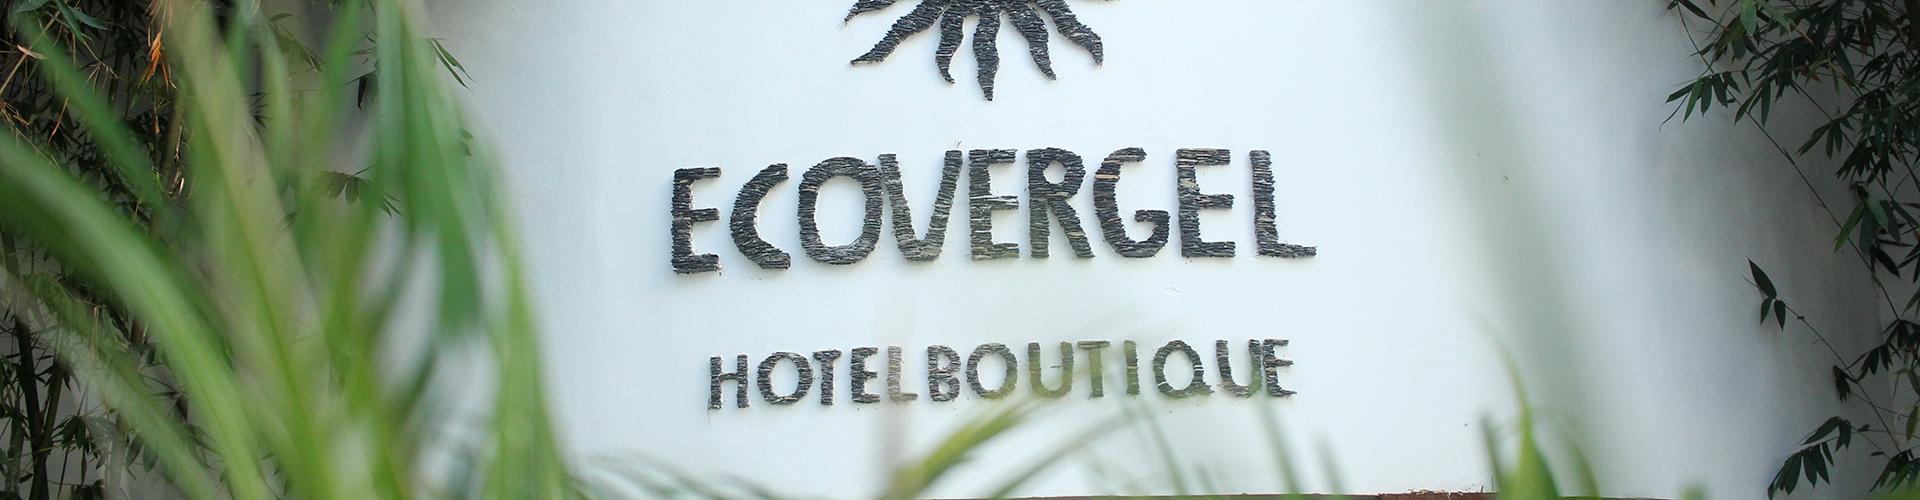 ECOVERGEL BOUTIQUE HOTEL MONTERREY Fachada